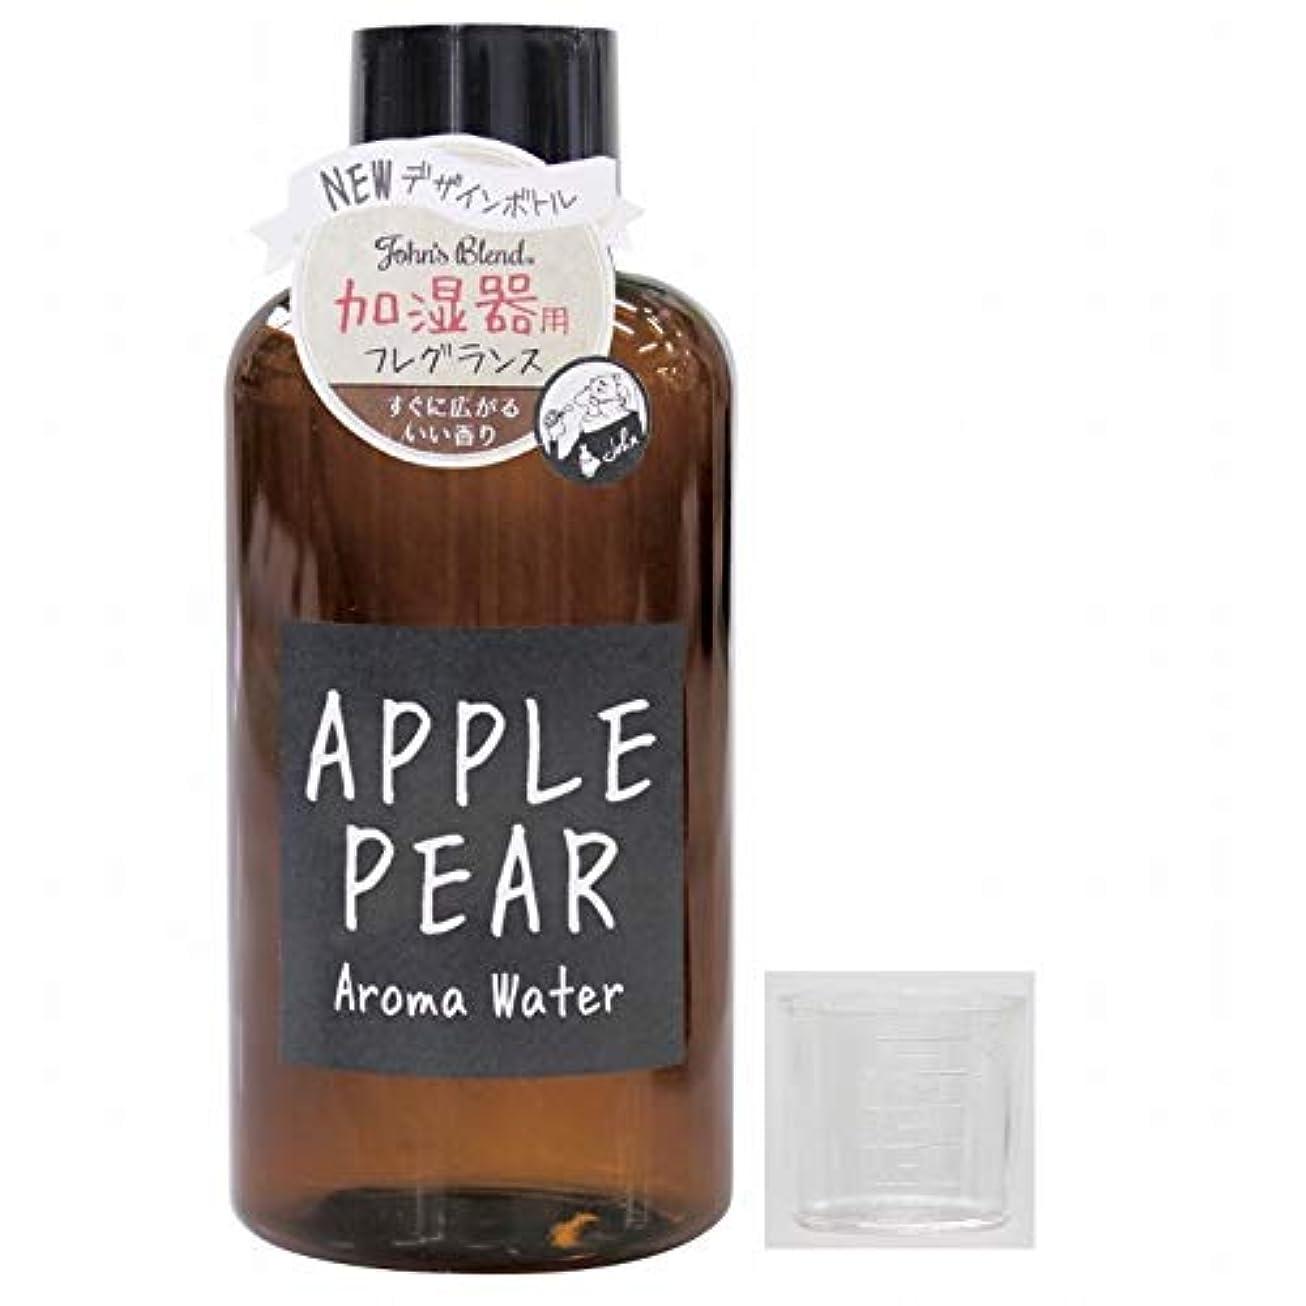 診療所格差例示する【計量カップ付き】 JohnsBlend(ジョンズブレンド) アロマウォーター 加湿器用 520ml アップルペアーの香り OA-JON-12-4 【計量カップのおまけつき】